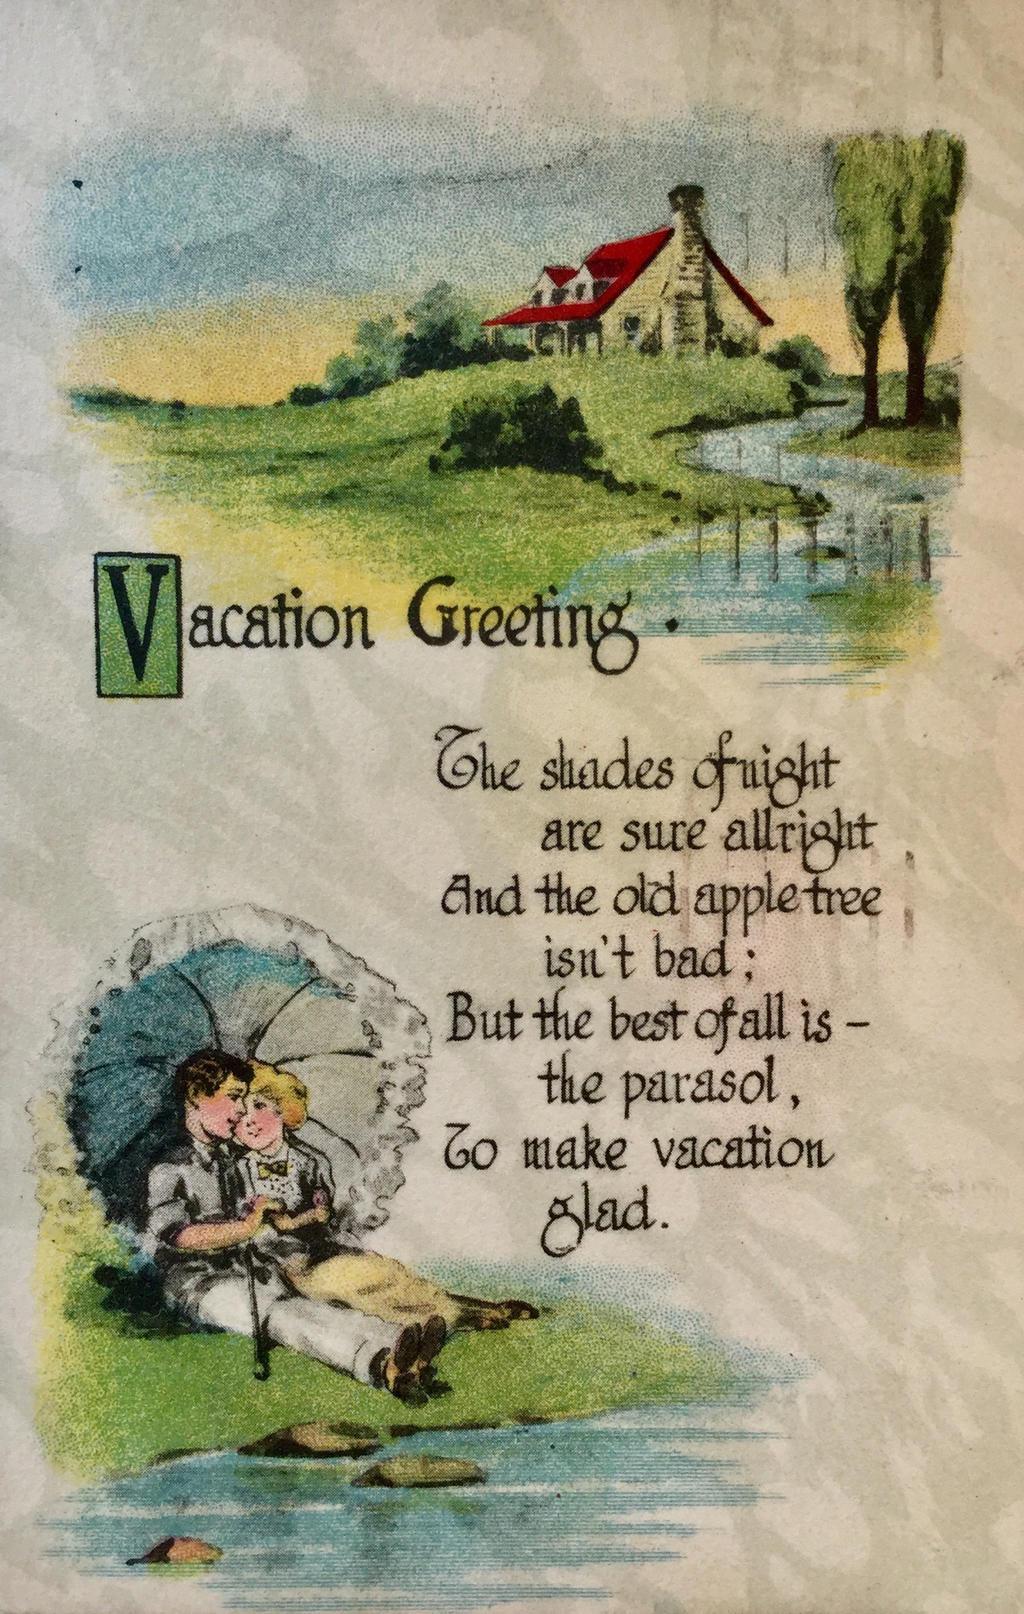 Vacation Greeting